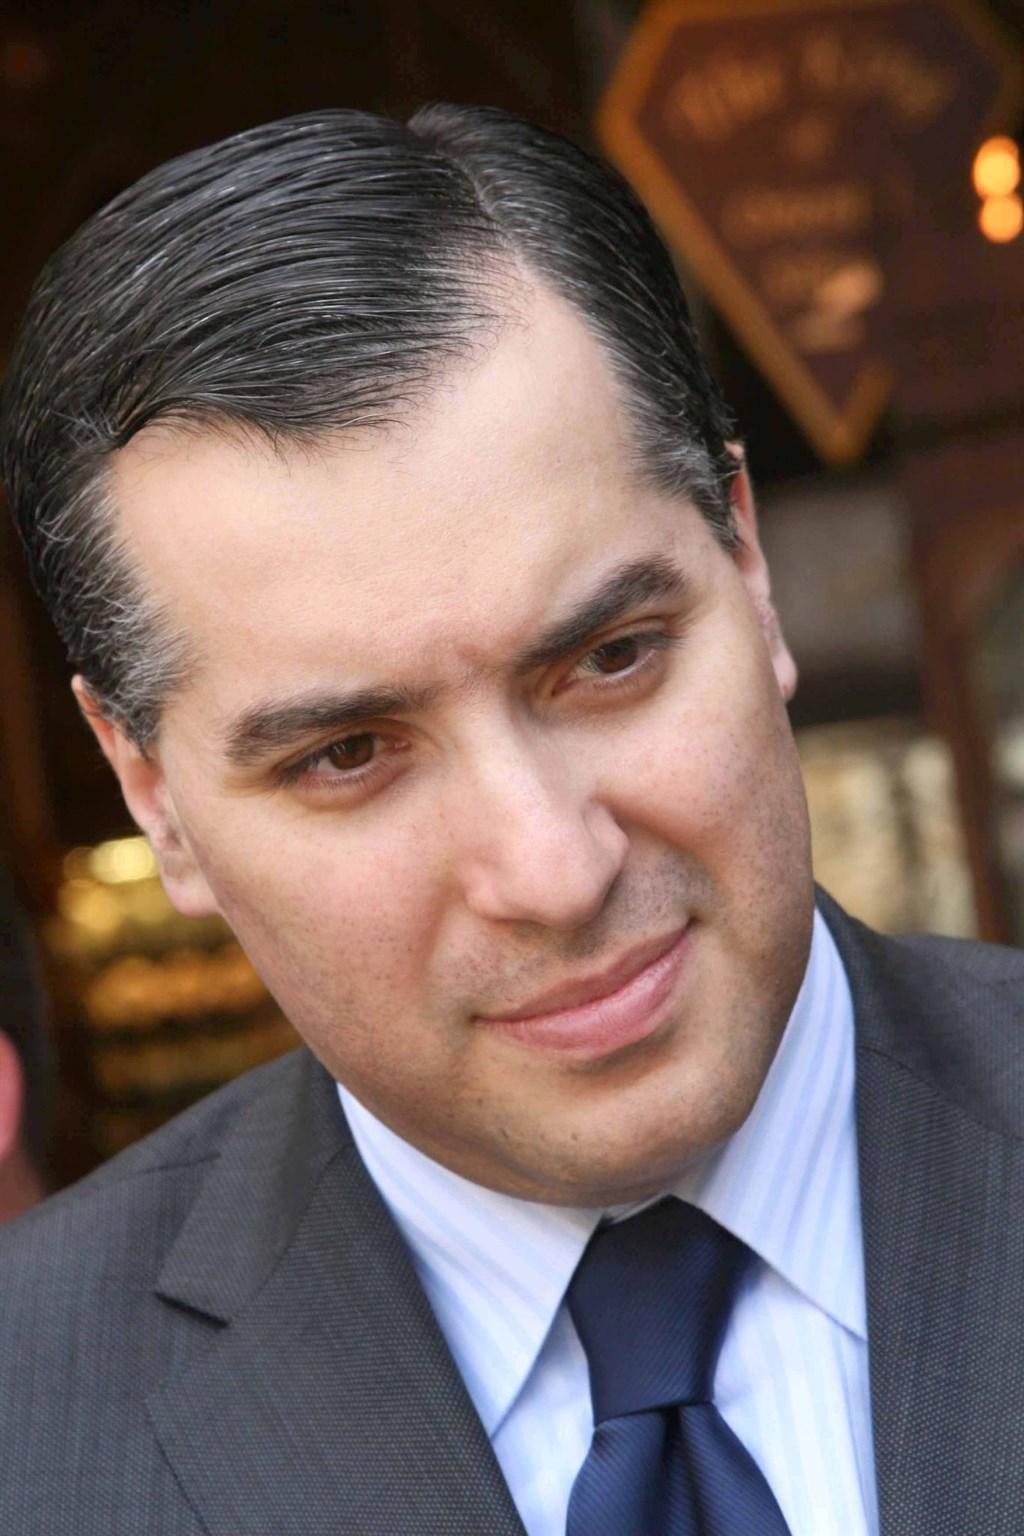 黎巴嫩駐德國大使阿迪布31日可望獲任命為新任總理,處理包括財務危機及首都貝魯特港區大爆炸後續等棘手國政。(圖取自facebook.com/mustapha.adib.3)